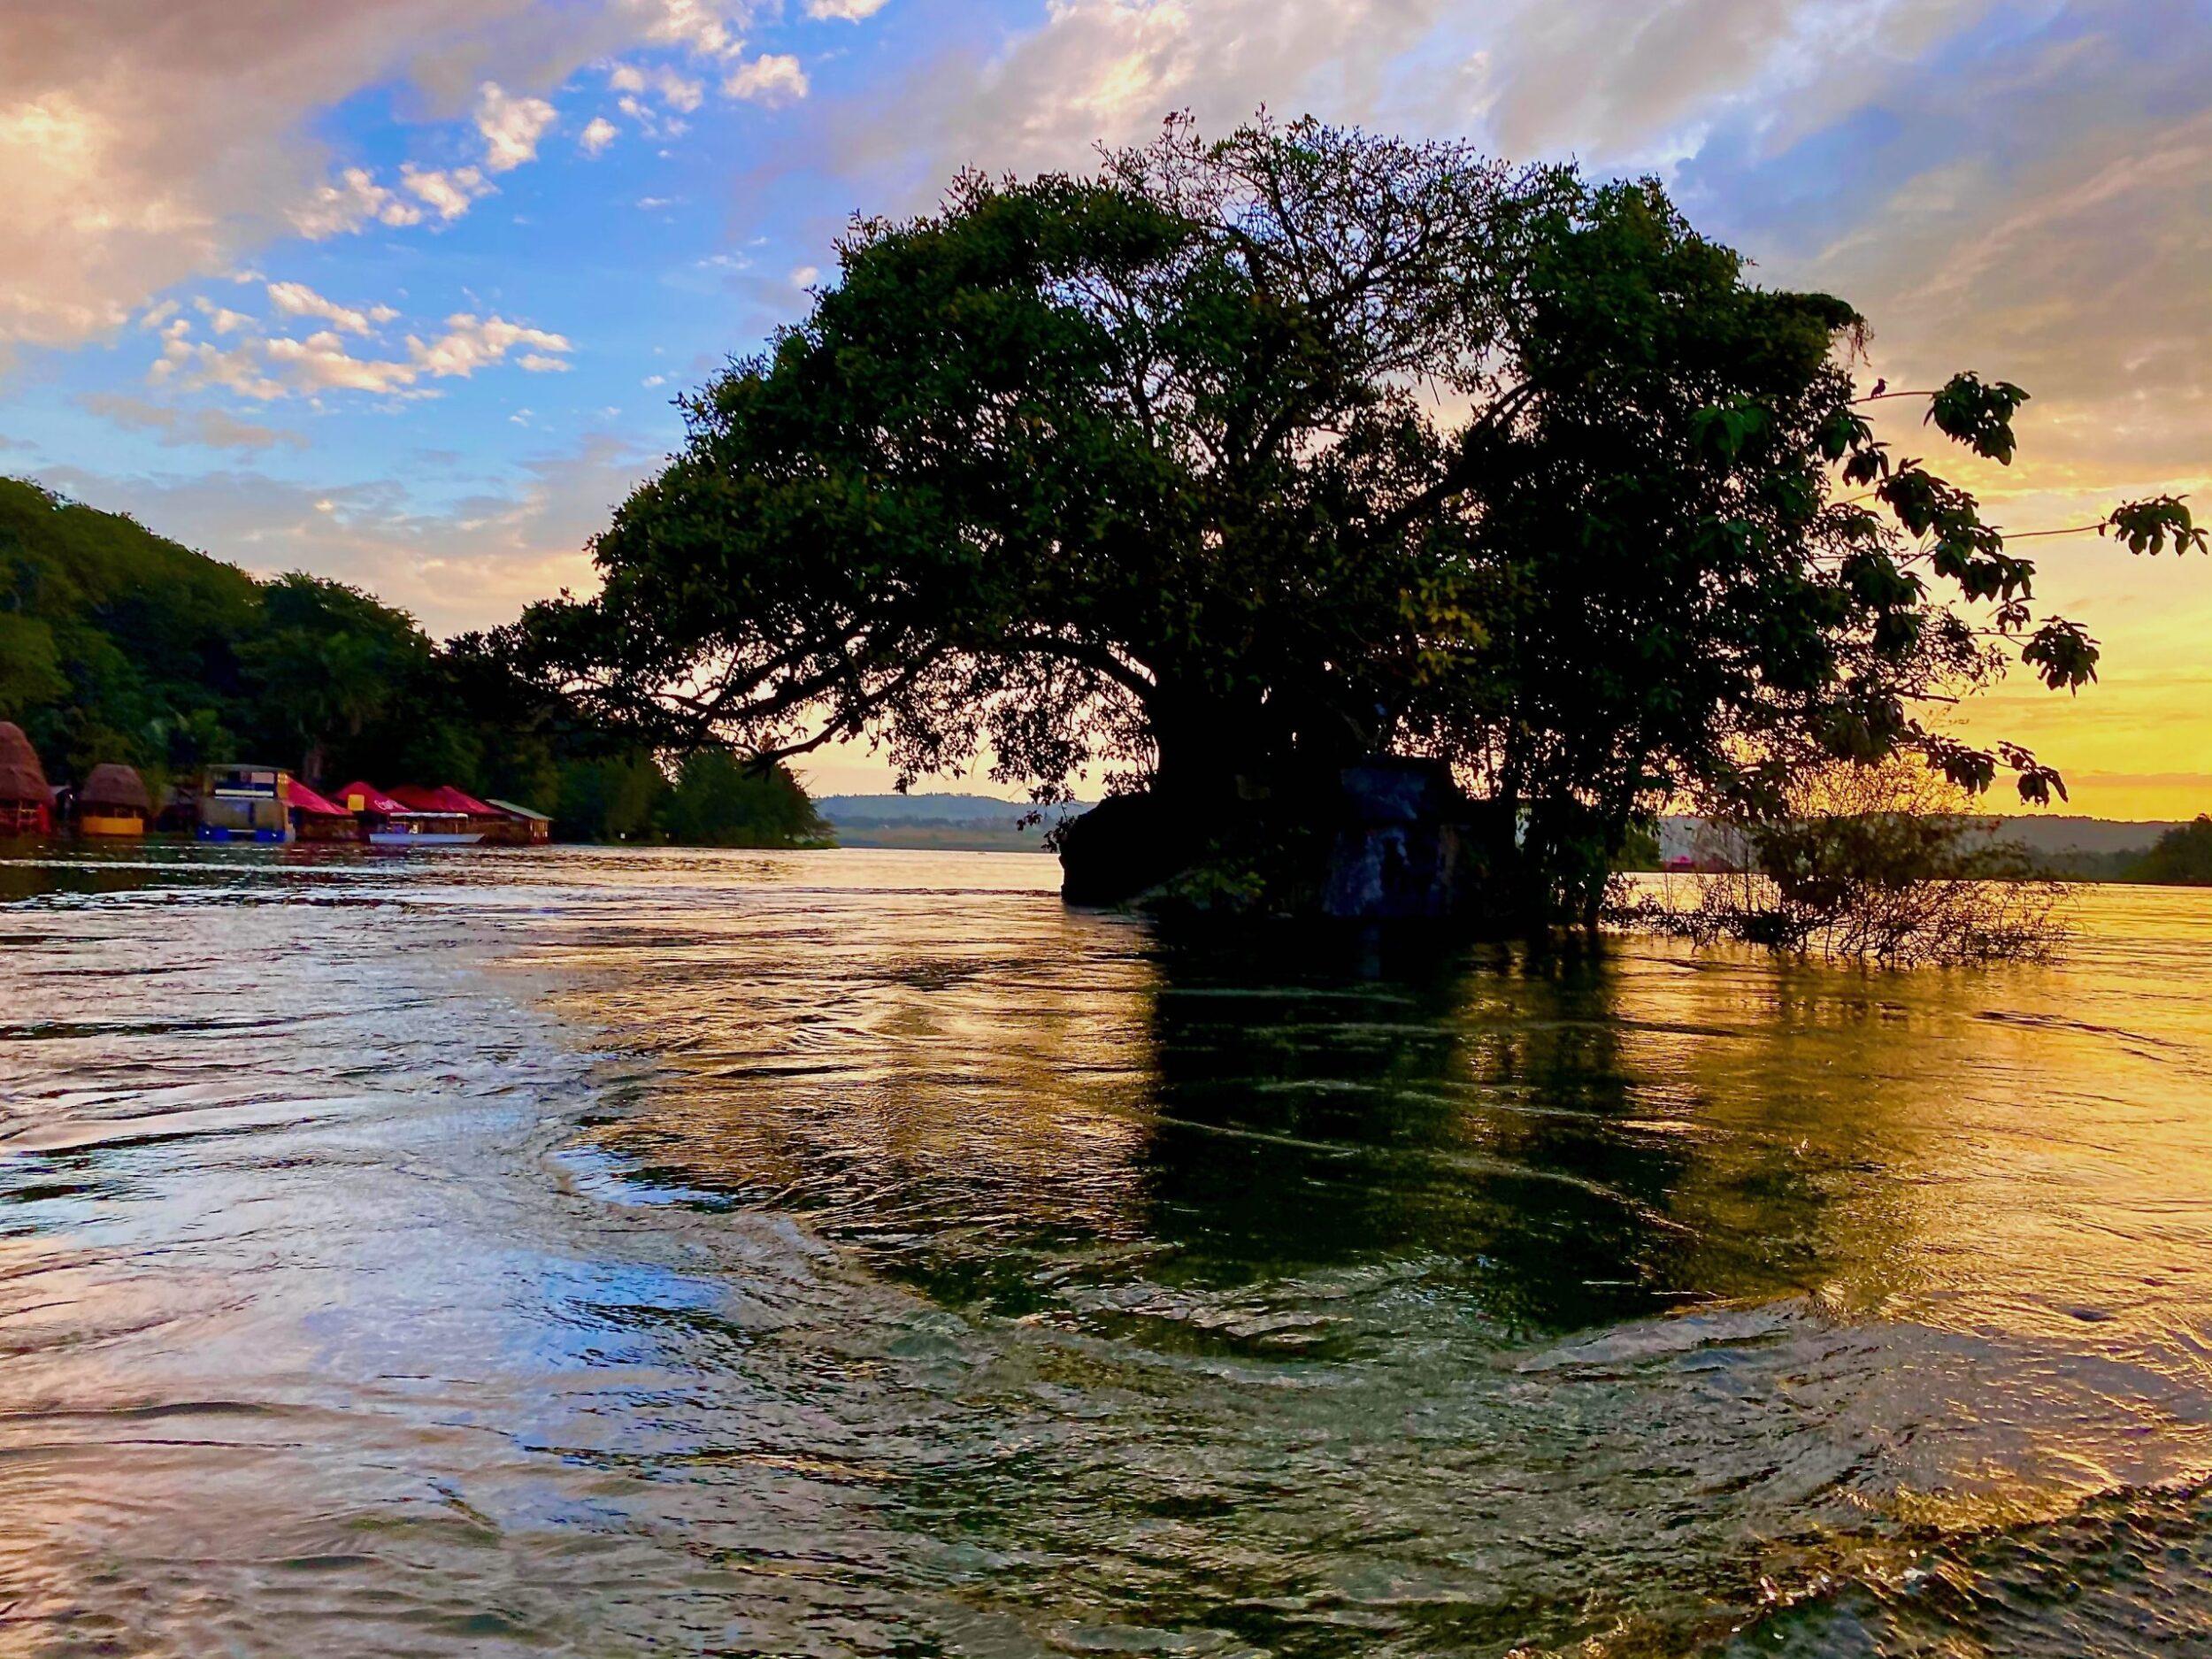 near the Nile's source in Uganda